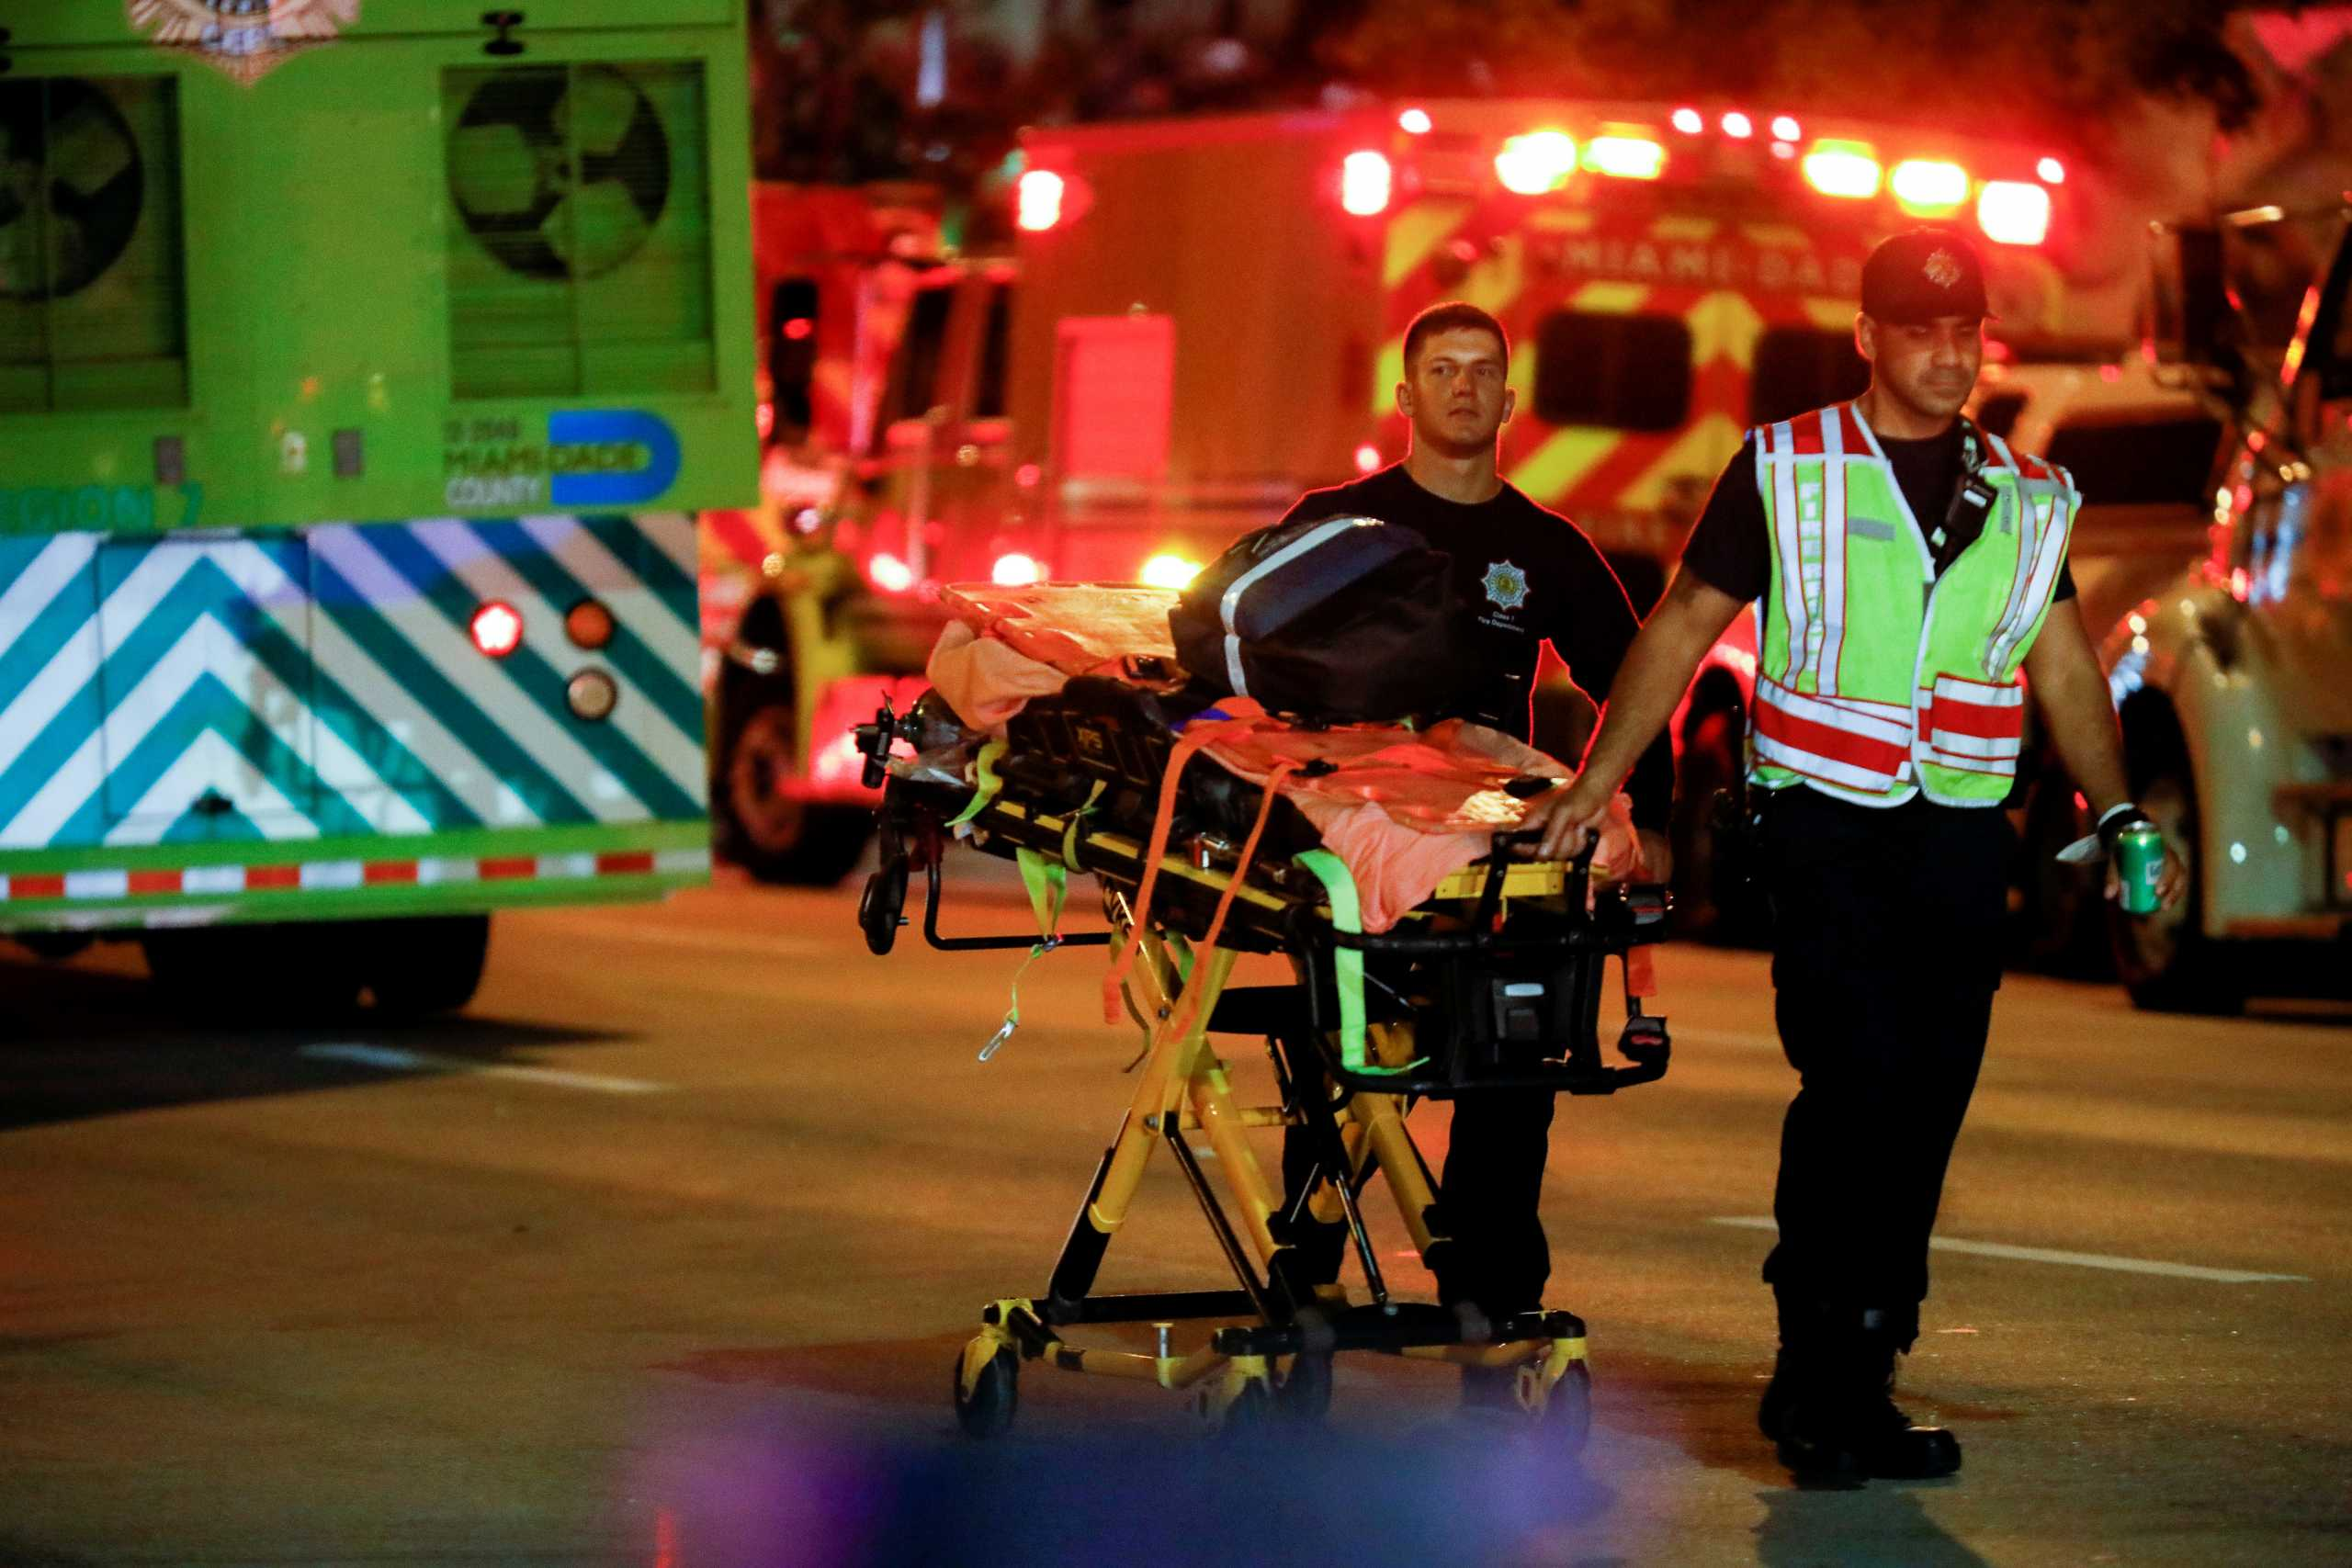 Κατάρρευση κτιρίου στο Μαϊάμι: Πληροφορίες για έναν νεκρό και οκτώ τραυματίες (pics, vids)